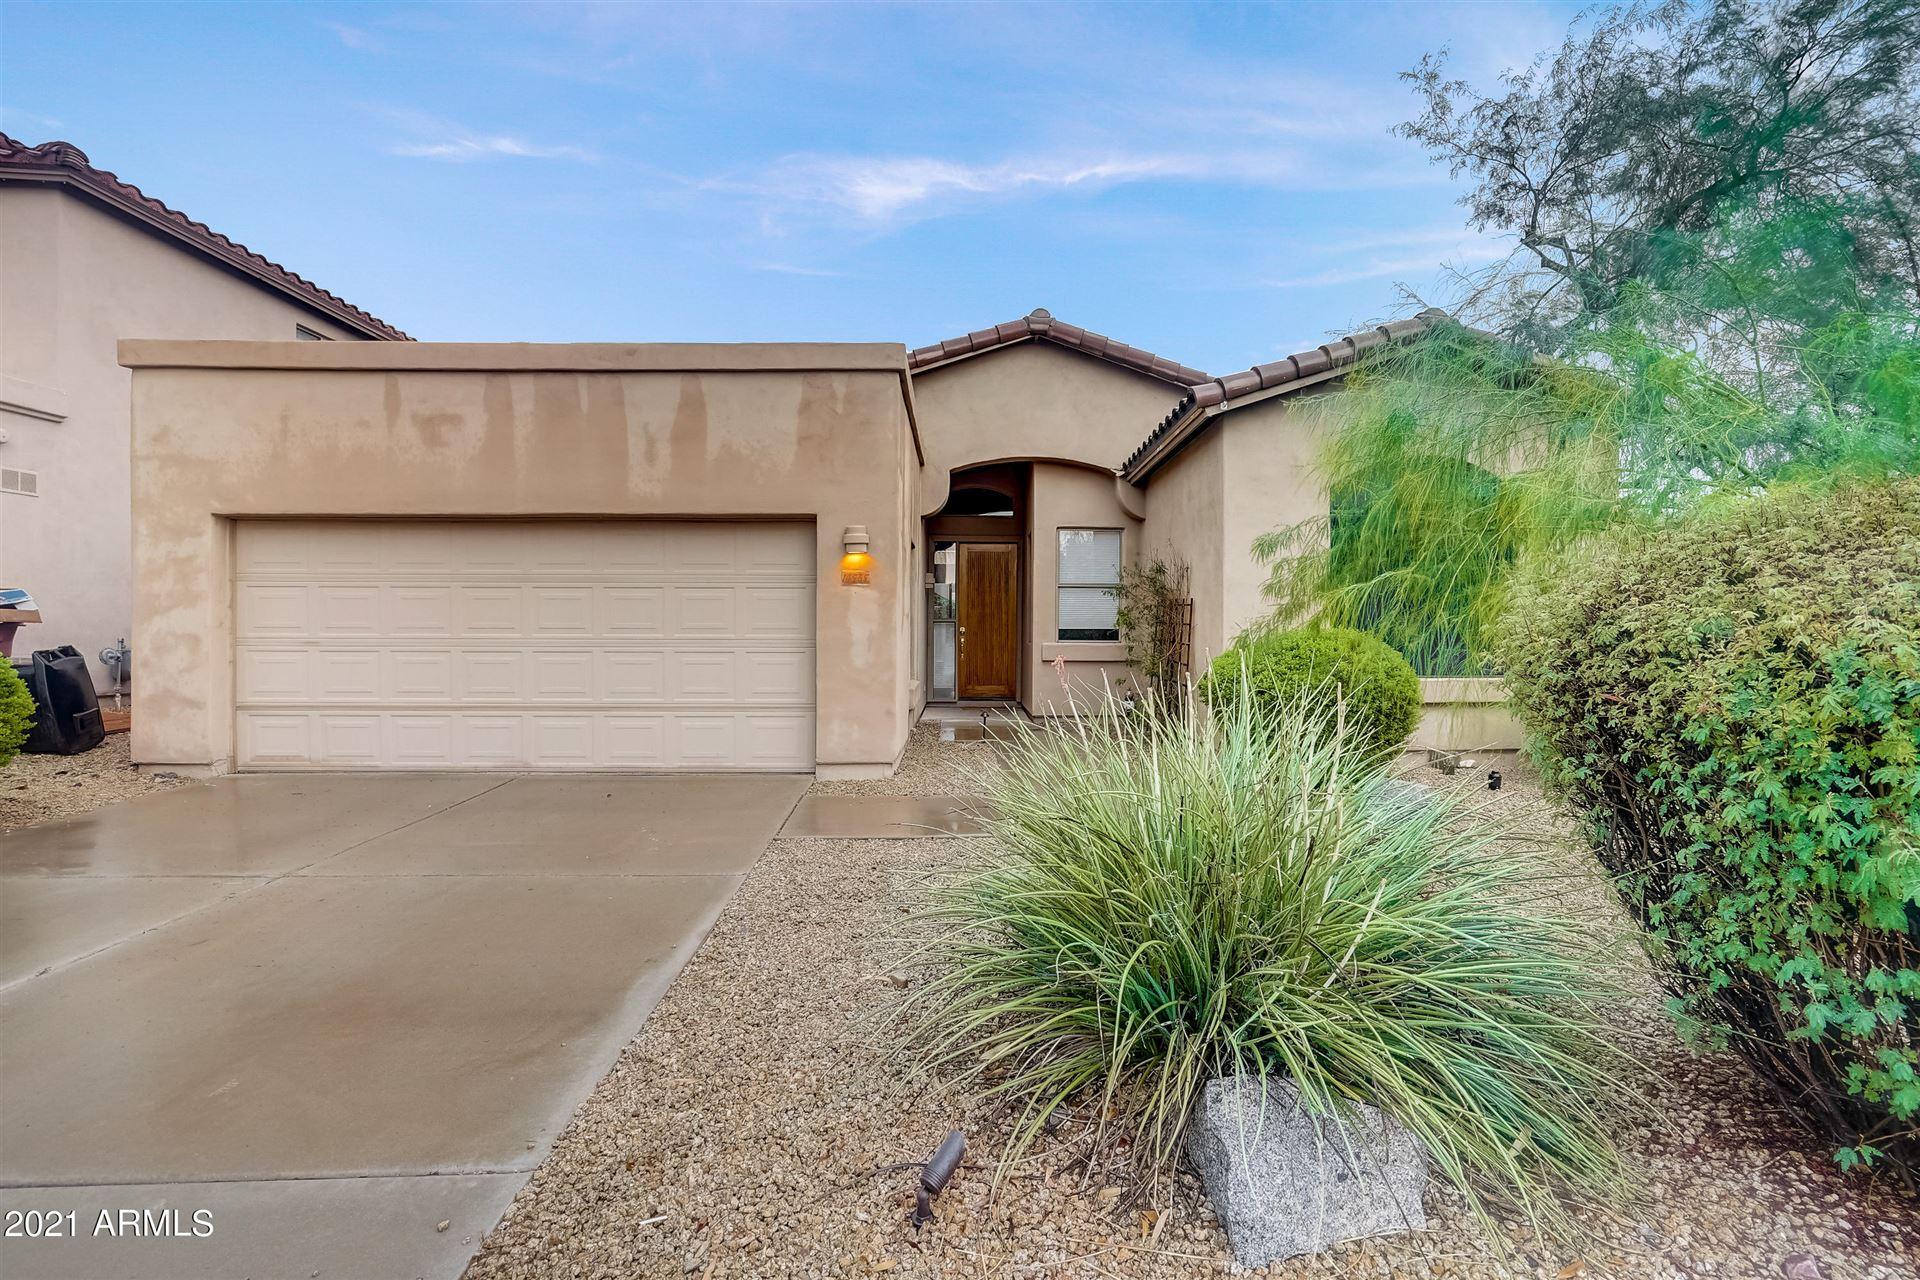 14968 N 100TH Place, Scottsdale, AZ 85260 - MLS#: 6271429